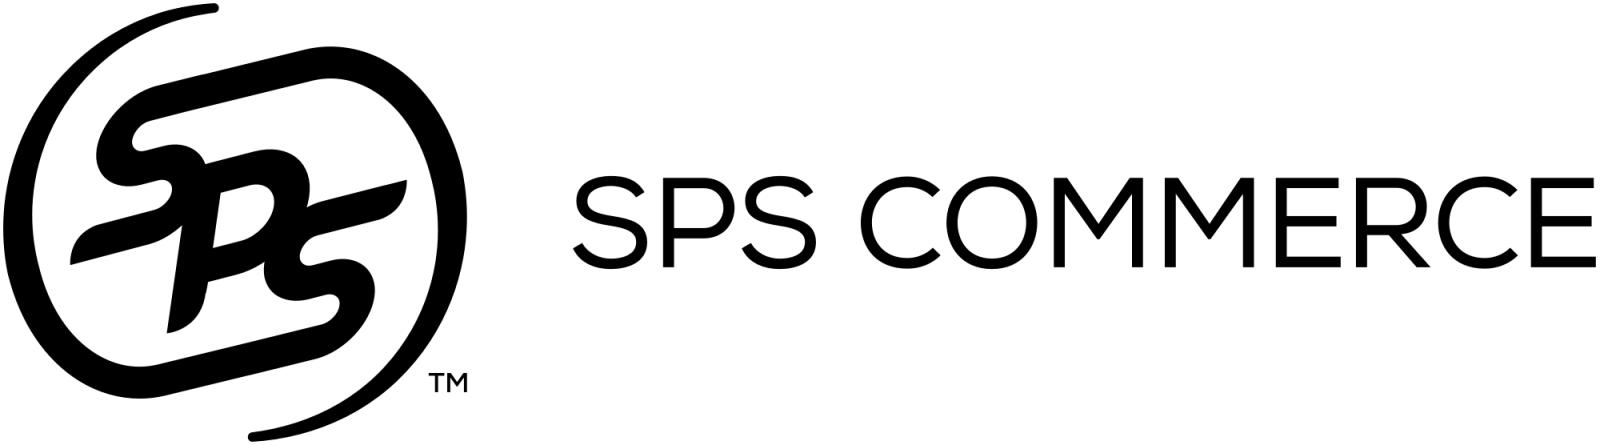 SPS Commerce EDI Integration